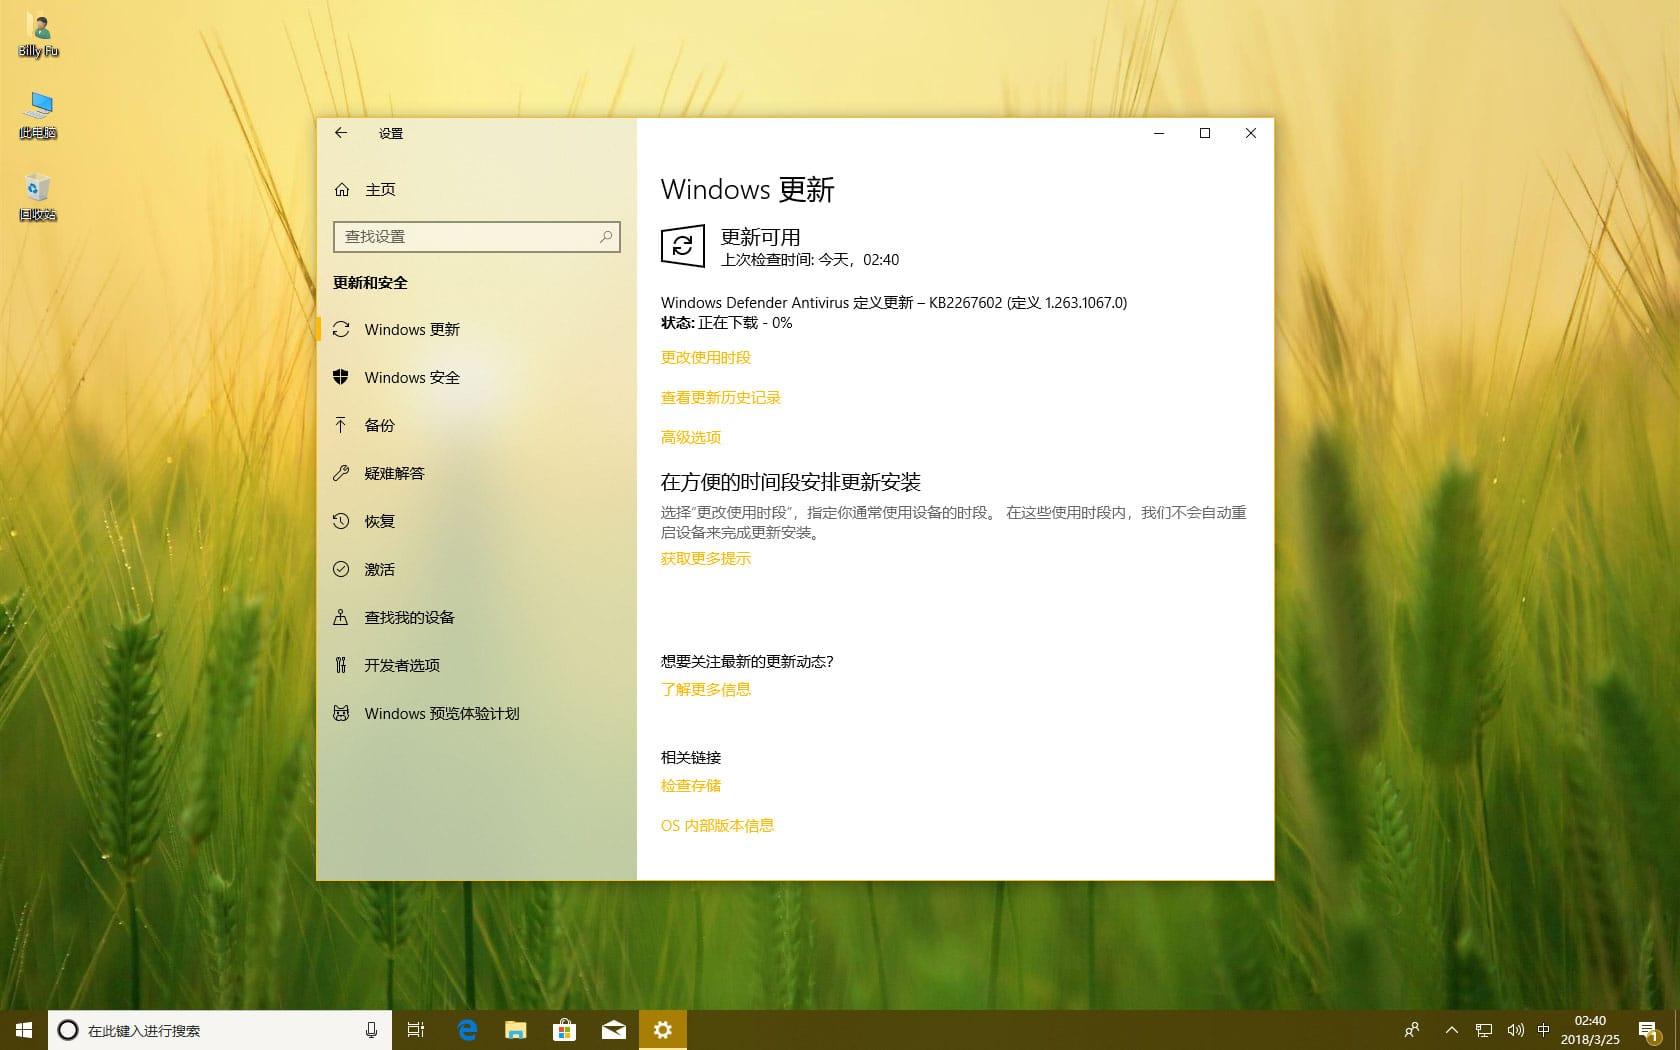 更新Windows 10 Spring Creators Update前您需要知道的一些事